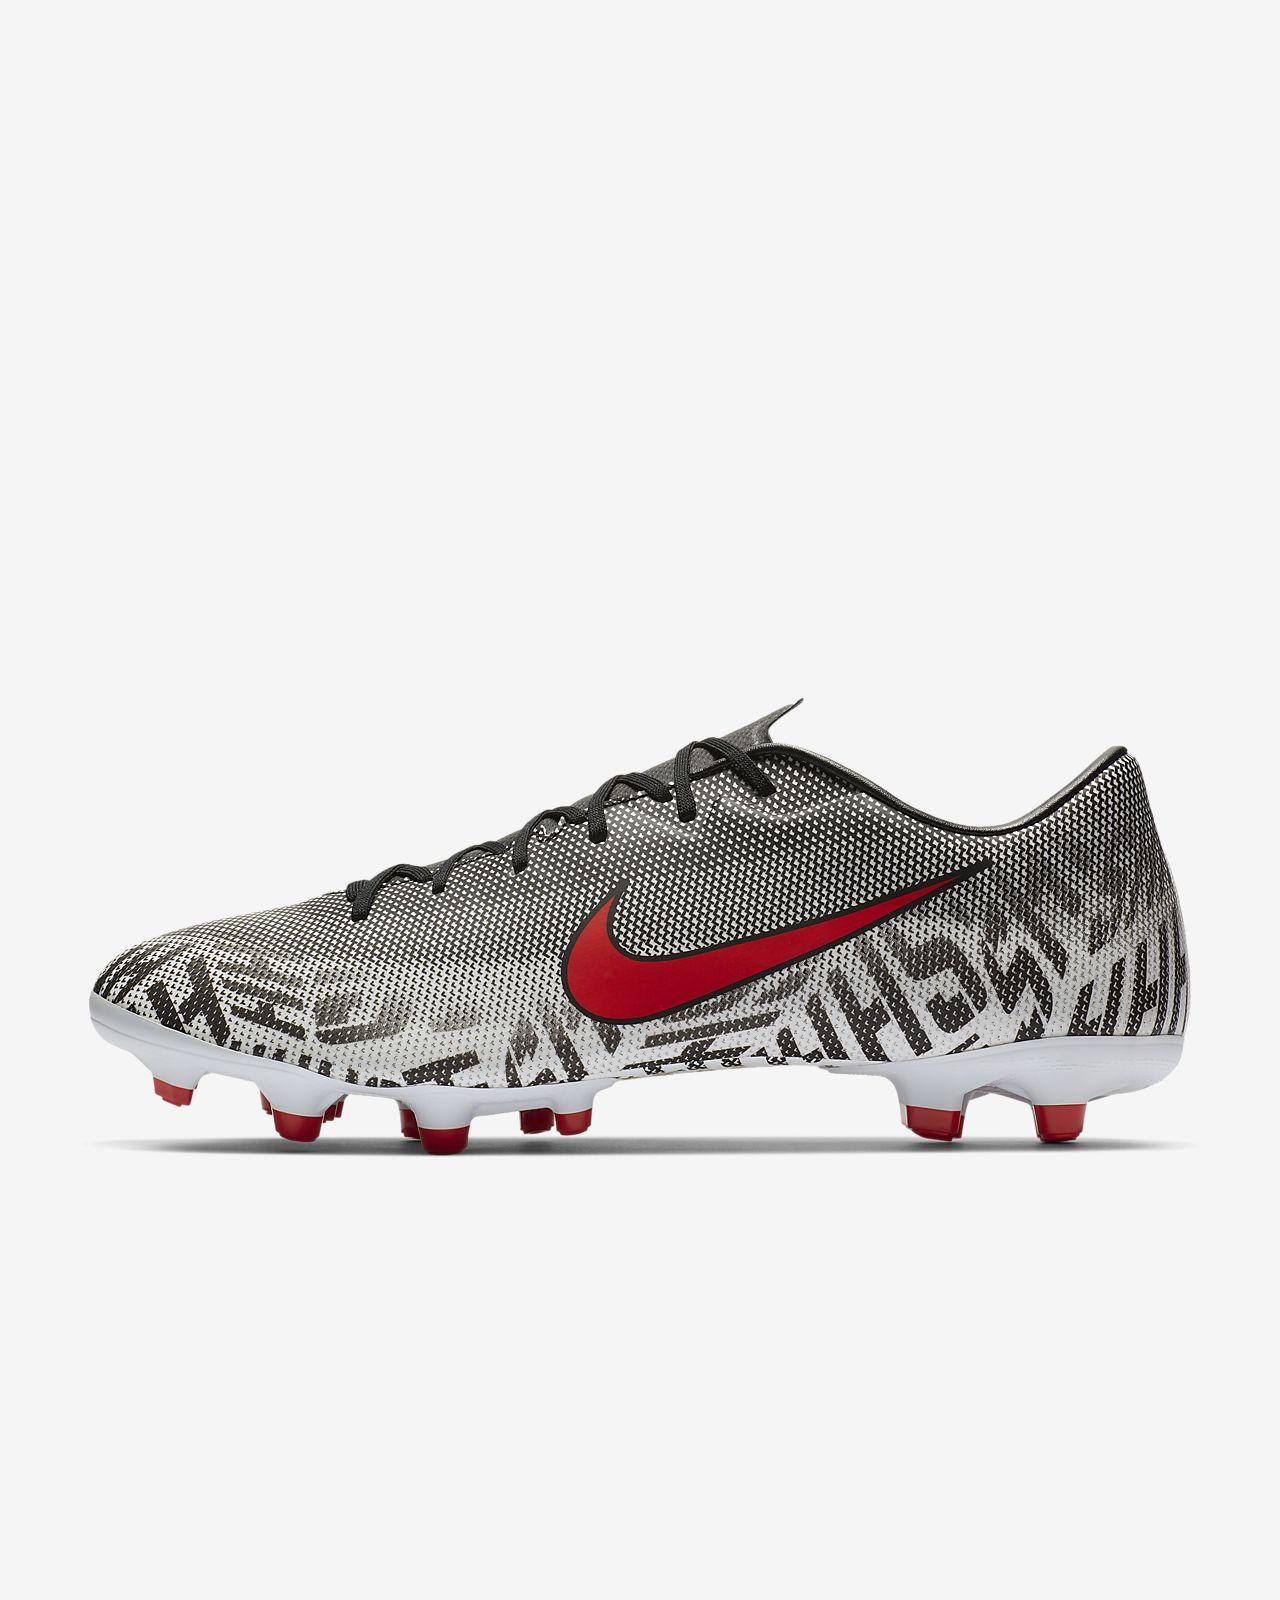 Chaussure de football multi-terrains à crampons Nike Mercurial Vapor XII Academy Neymar